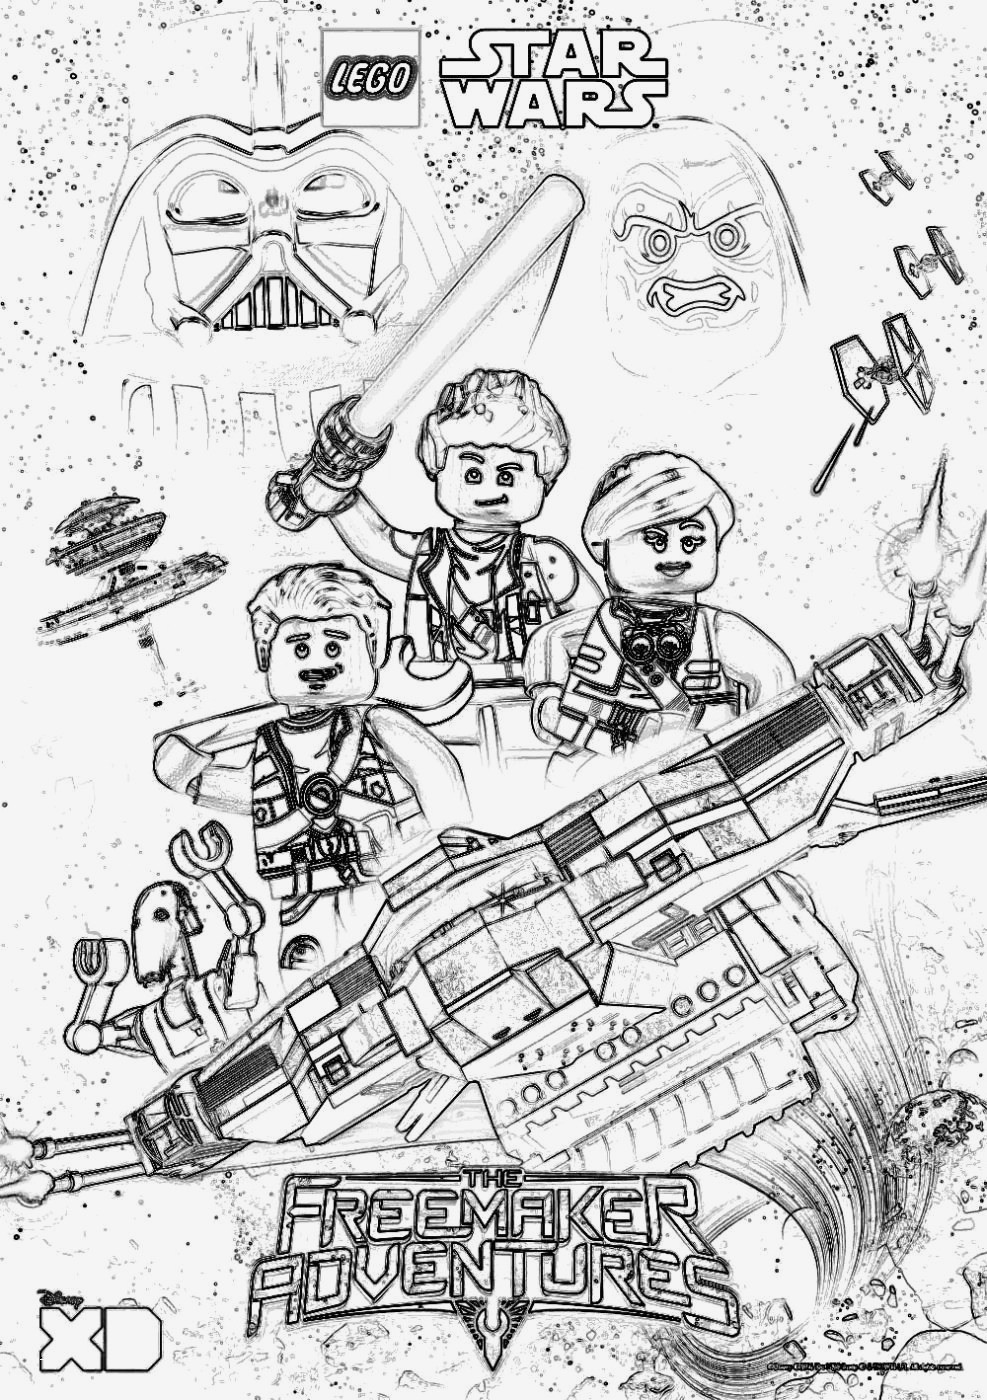 Ninjago Ausmalbilder Lego Inspirierend Beispielbilder Färben Star Wars Malvorlagen Genial Lego Ausmalbilder Galerie